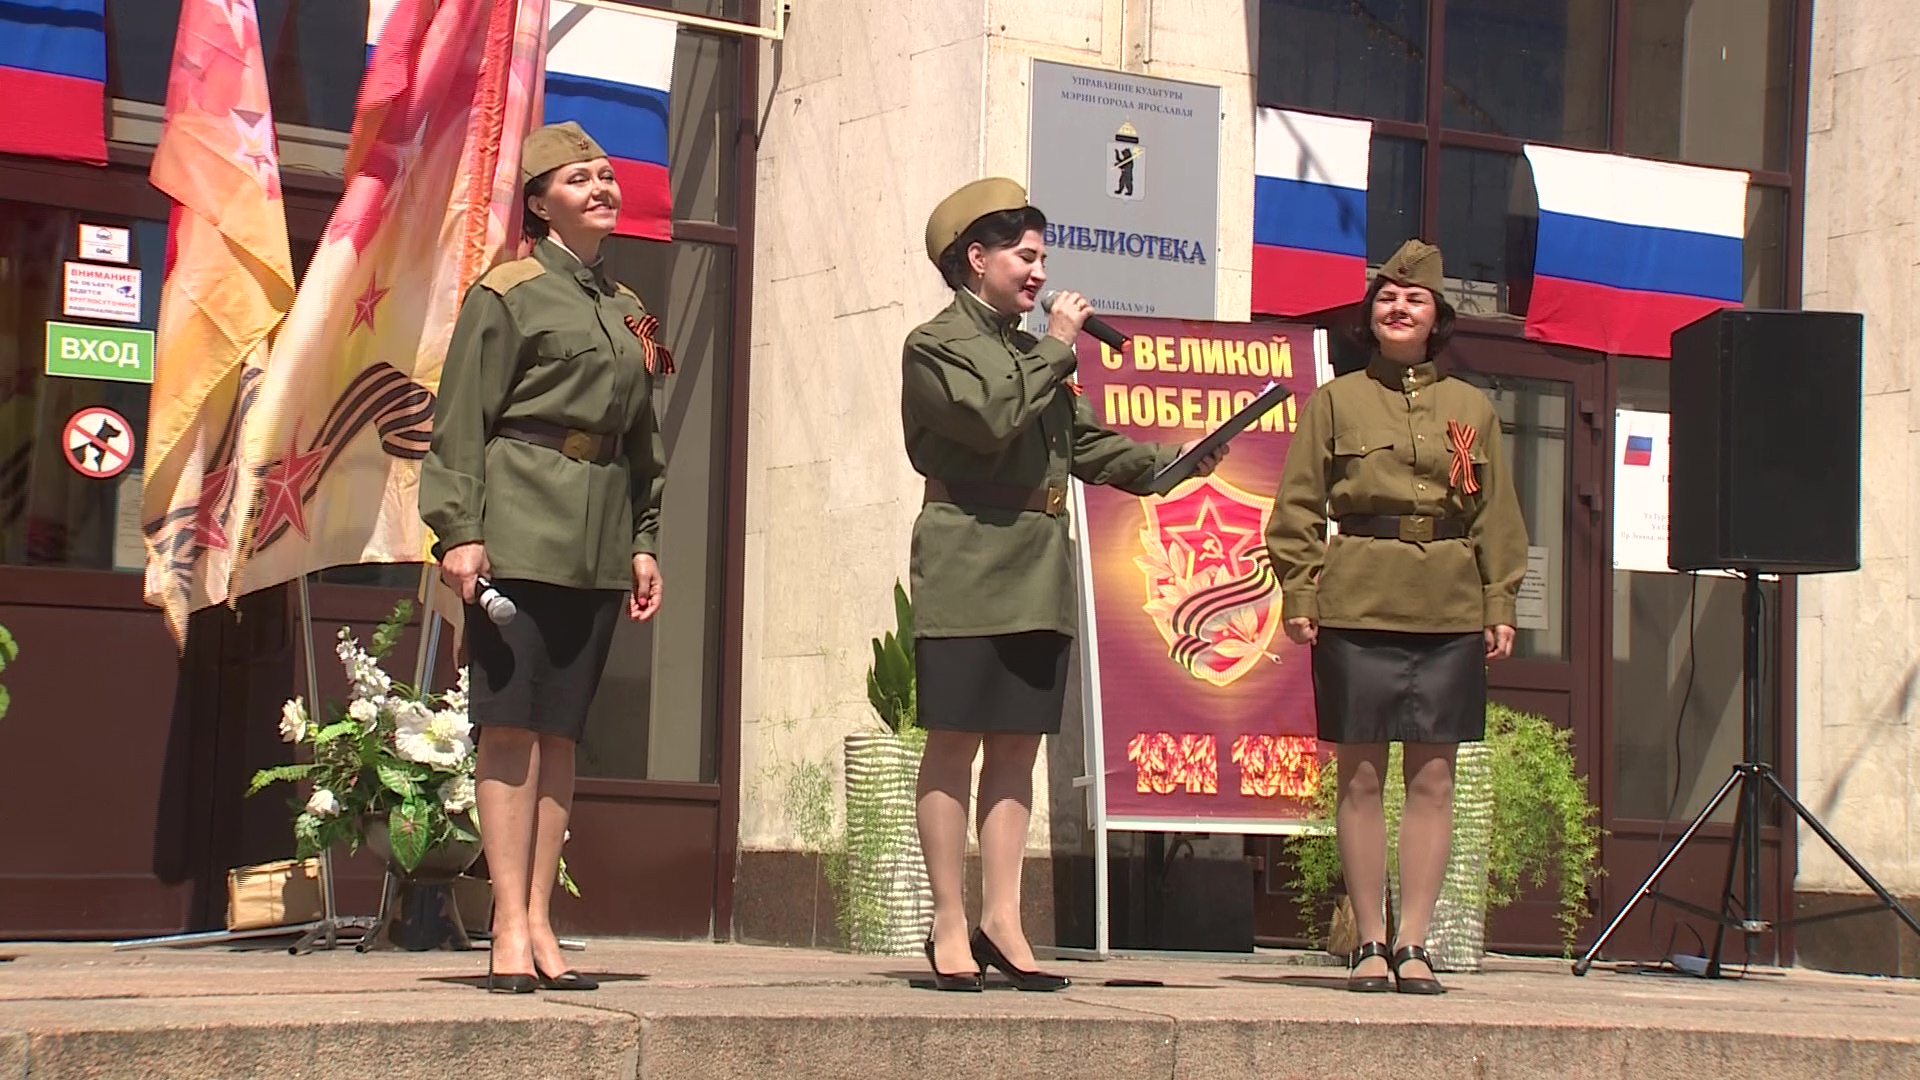 Вокалисты ДК имени Добрынина впервые с начала пандемии вышли к зрителям офлайн с песнями Победы